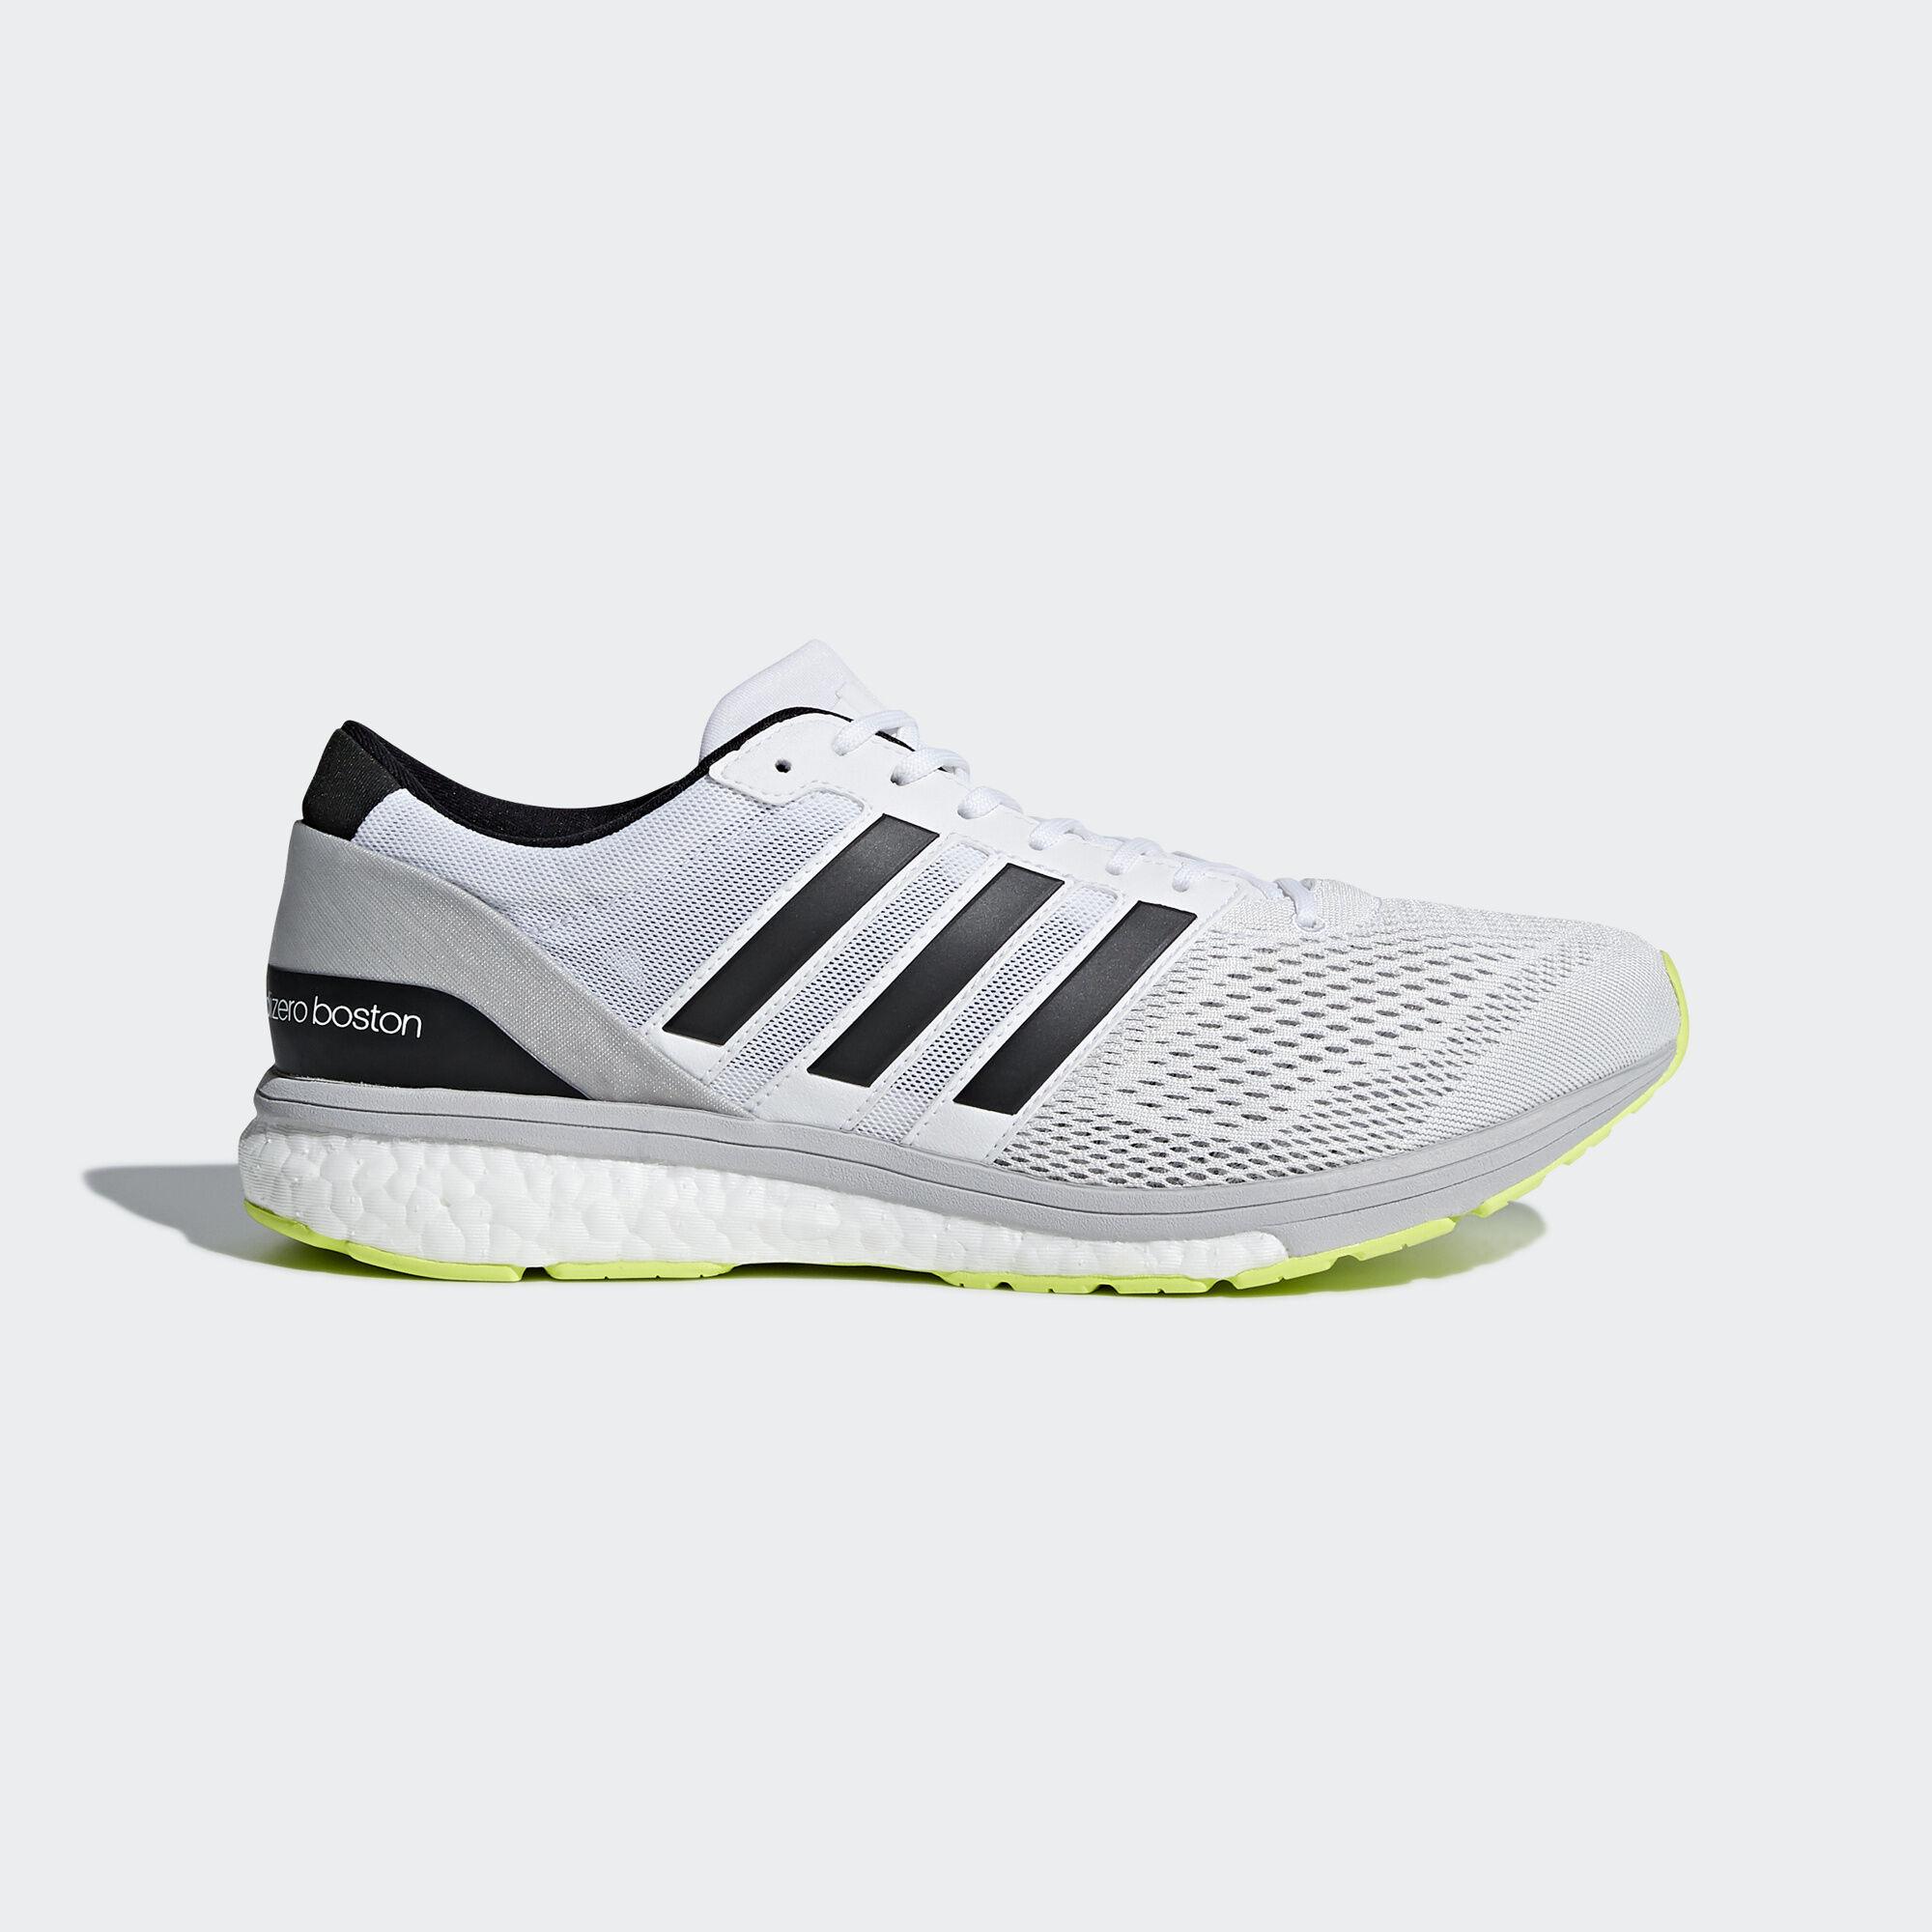 adidas adizero Boston 6 Shoes - White | adidas Asia/Middle ...